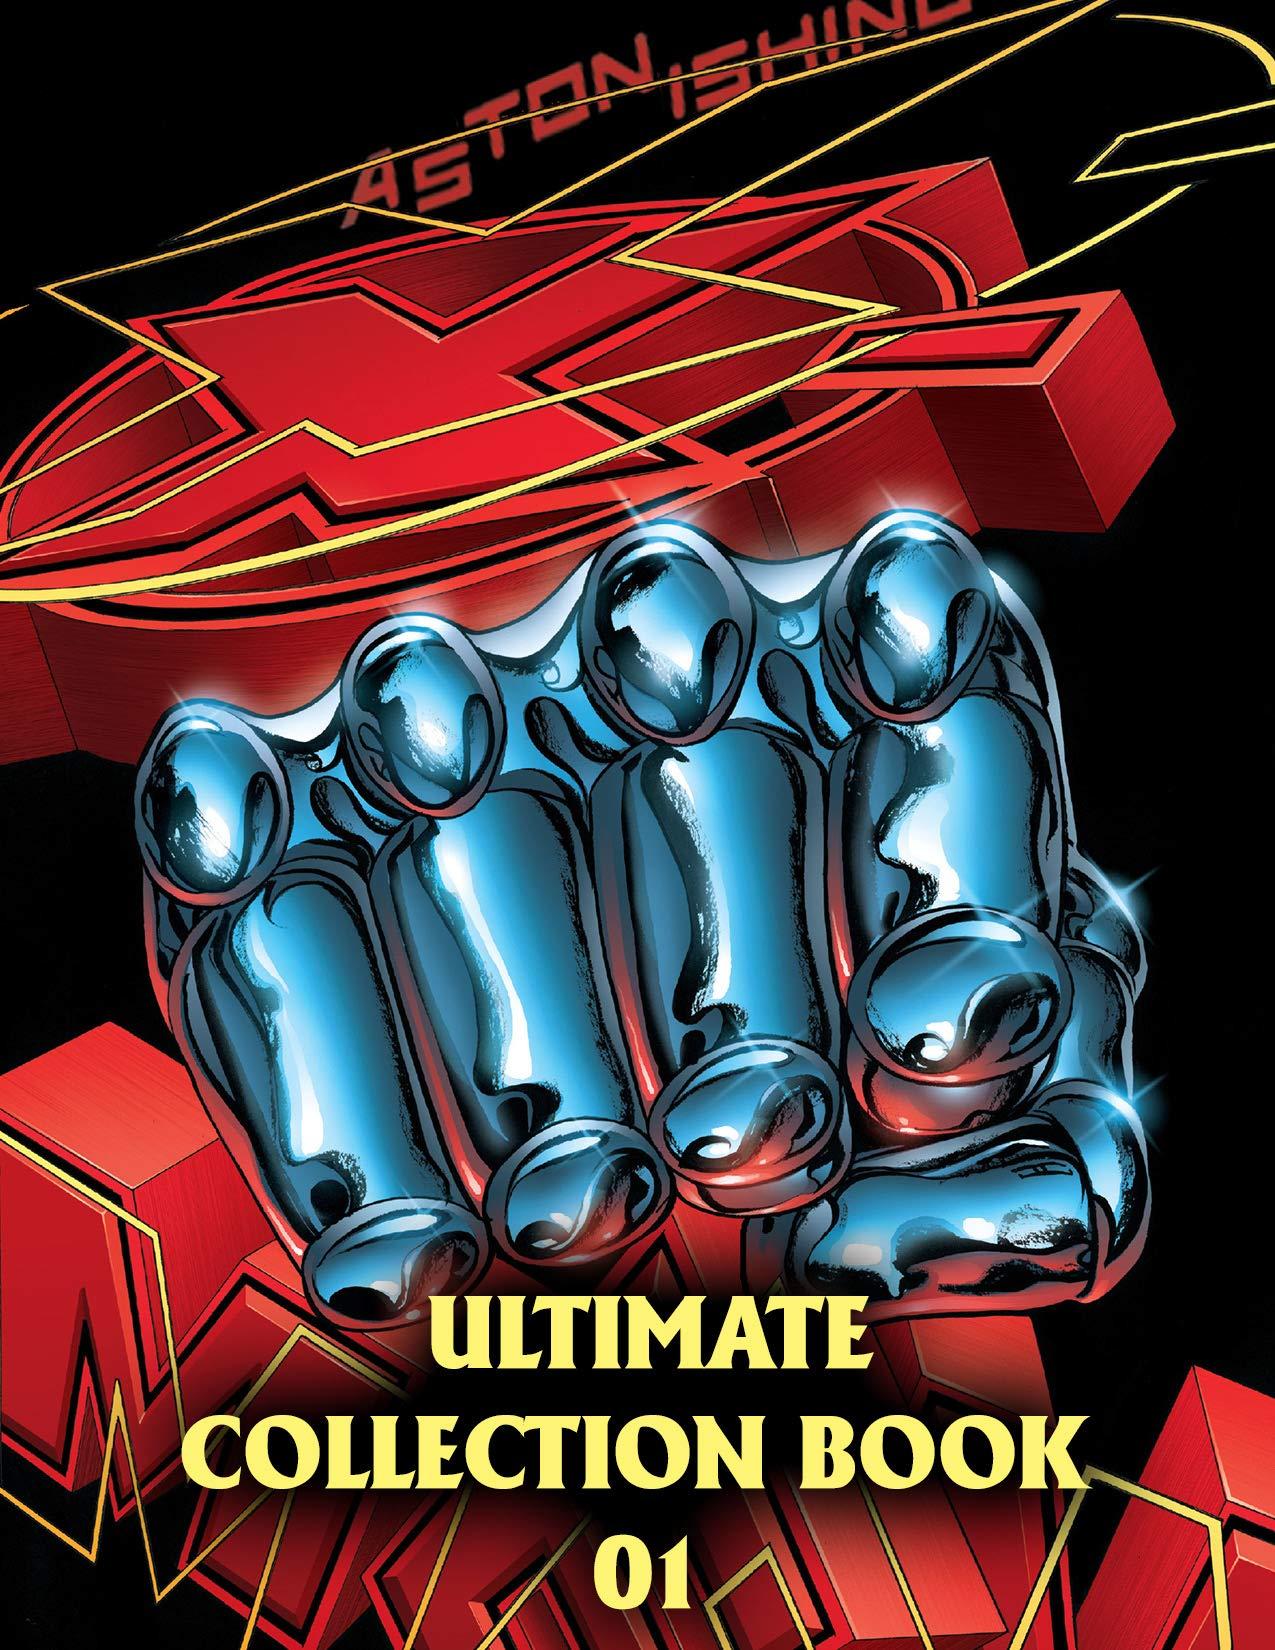 Astonishing xmen: Astonishing X-Men omnibus | x-men Ultimate Collection Book 1 comic